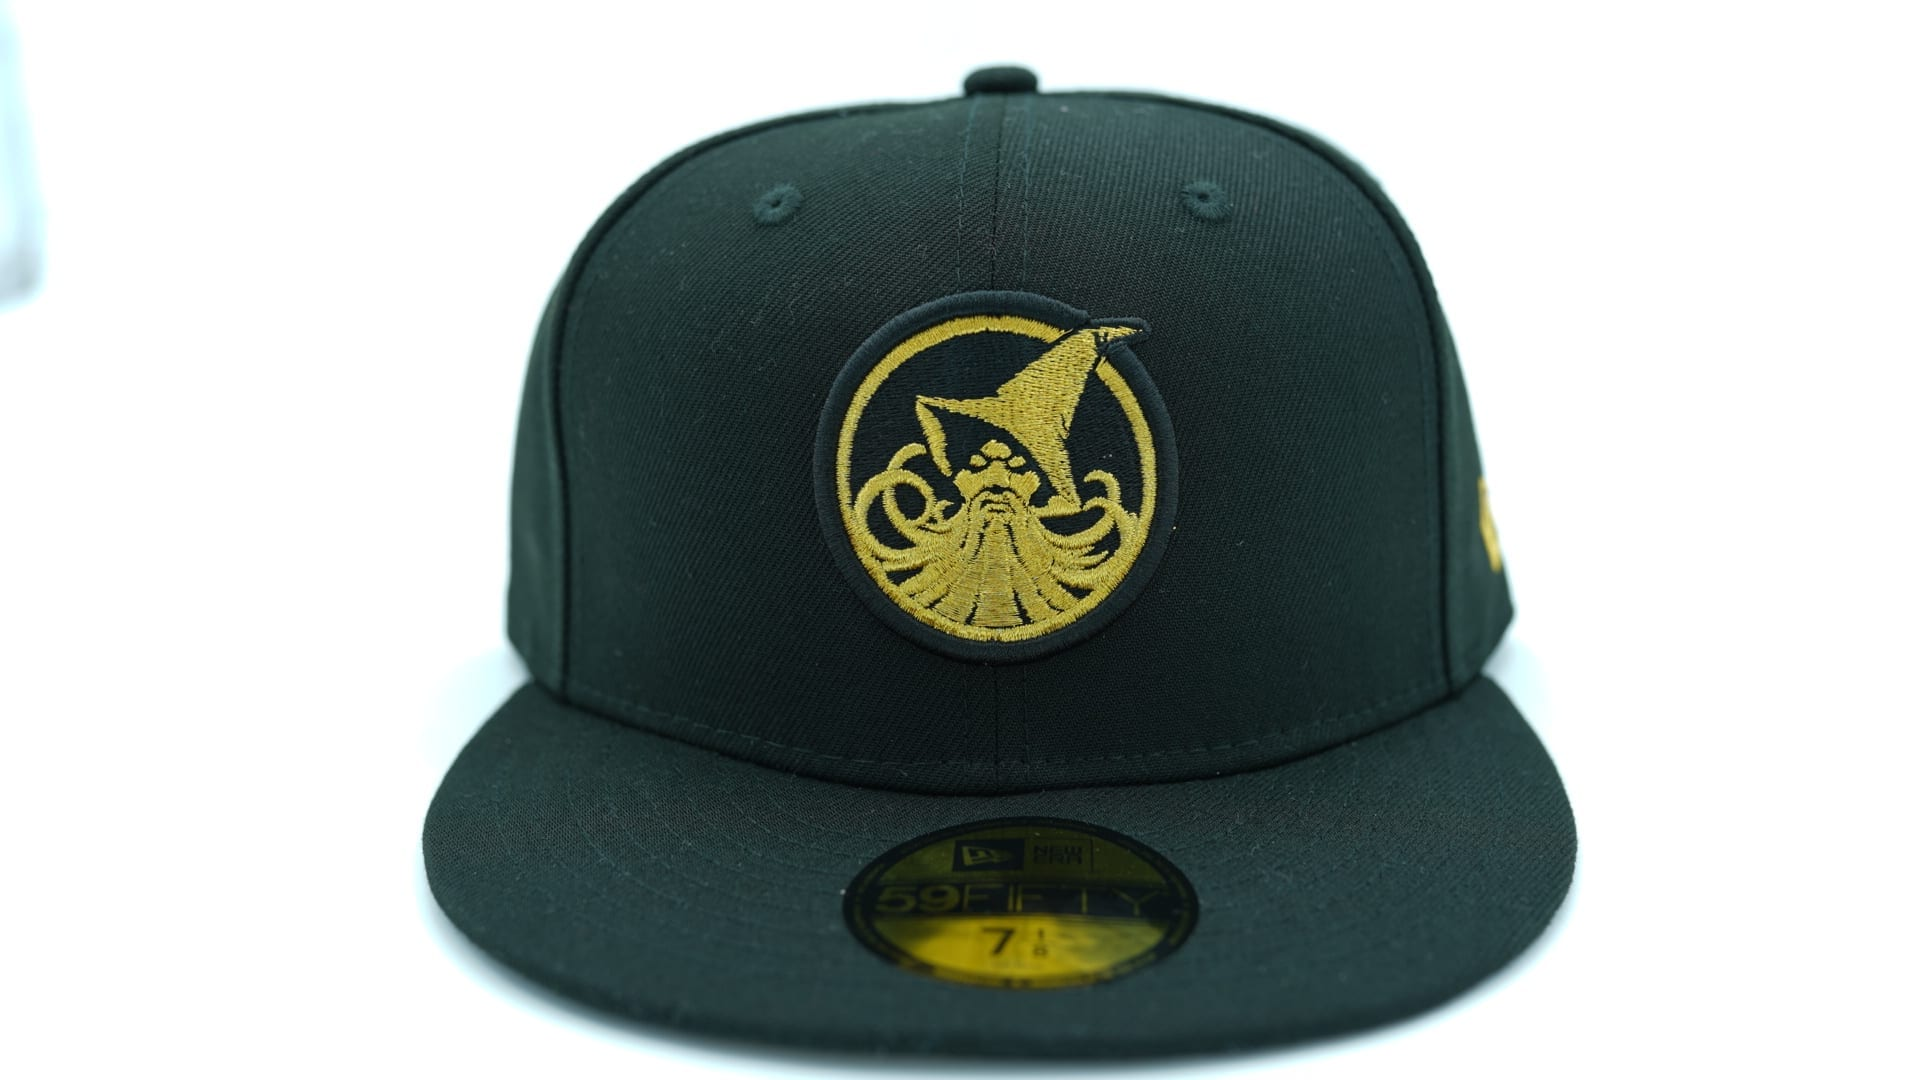 r-bresnahan-new-york-giants-cap-fitted-baseball-cap-1.jpg